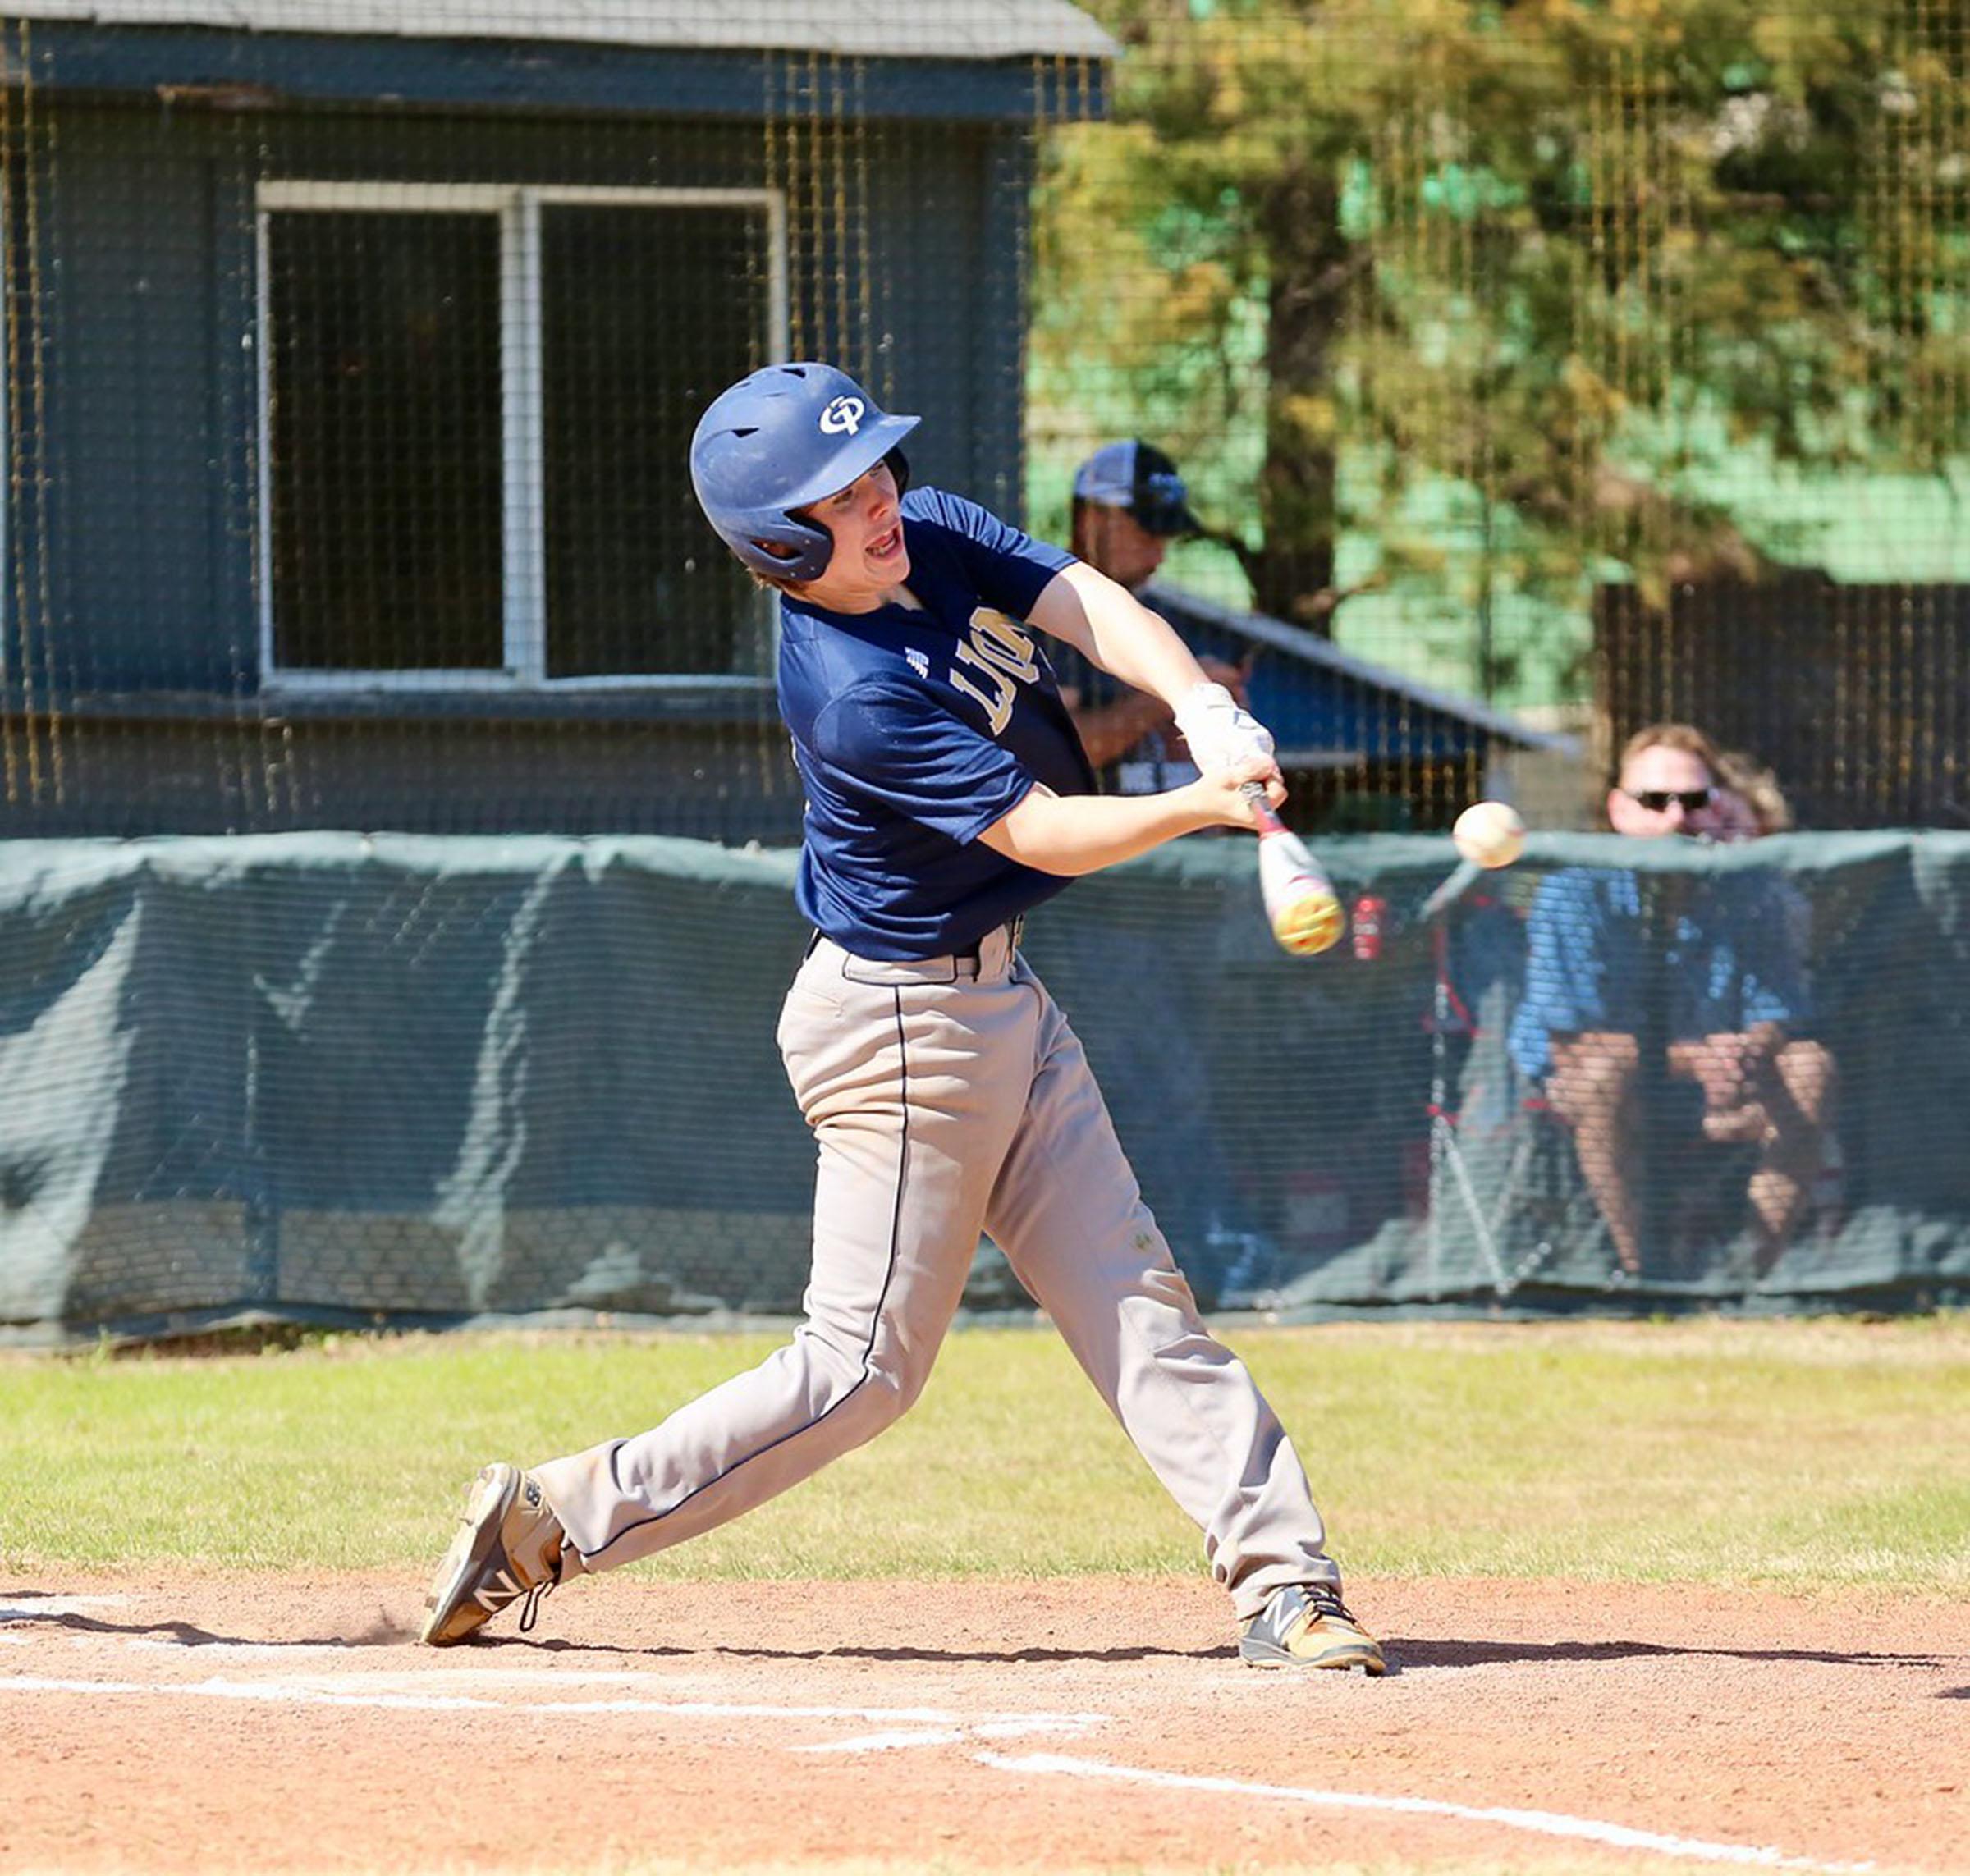 baseball pic 4